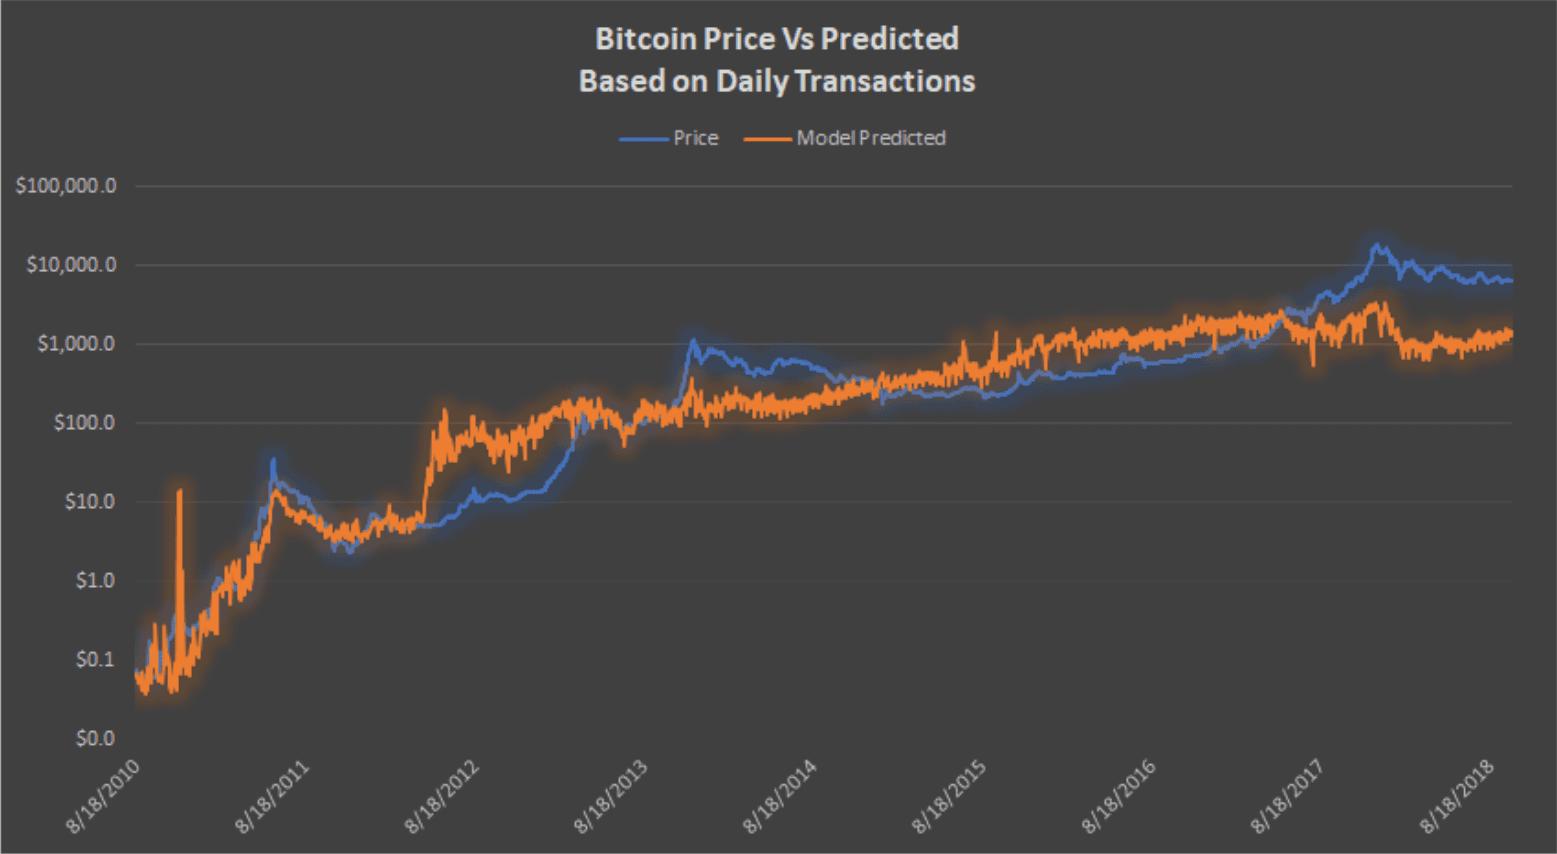 Image 1 btc price vs predicted